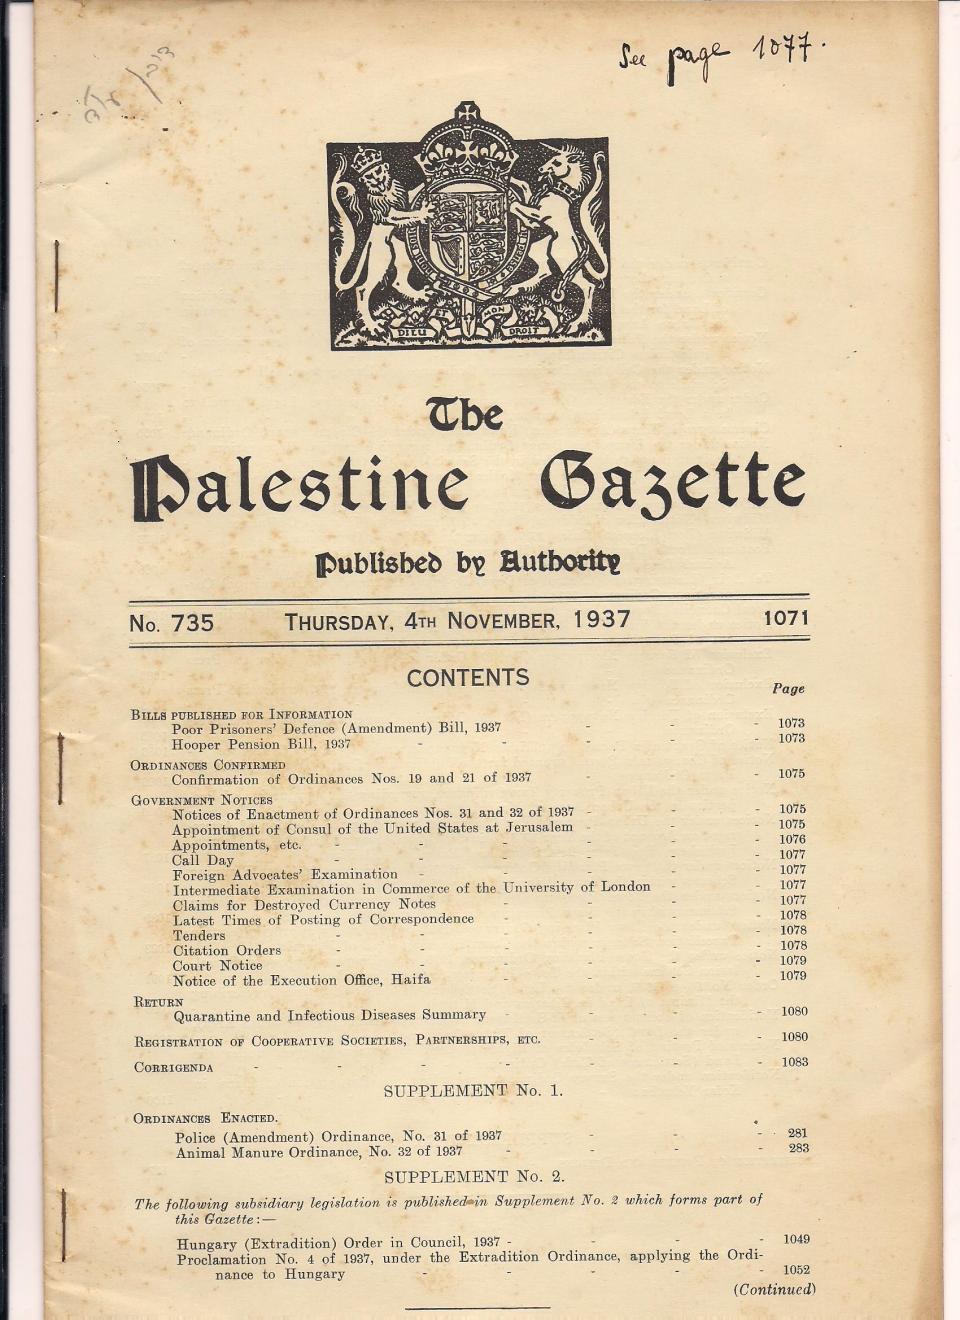 The Palestine Gazette, November 4th, 1937 001